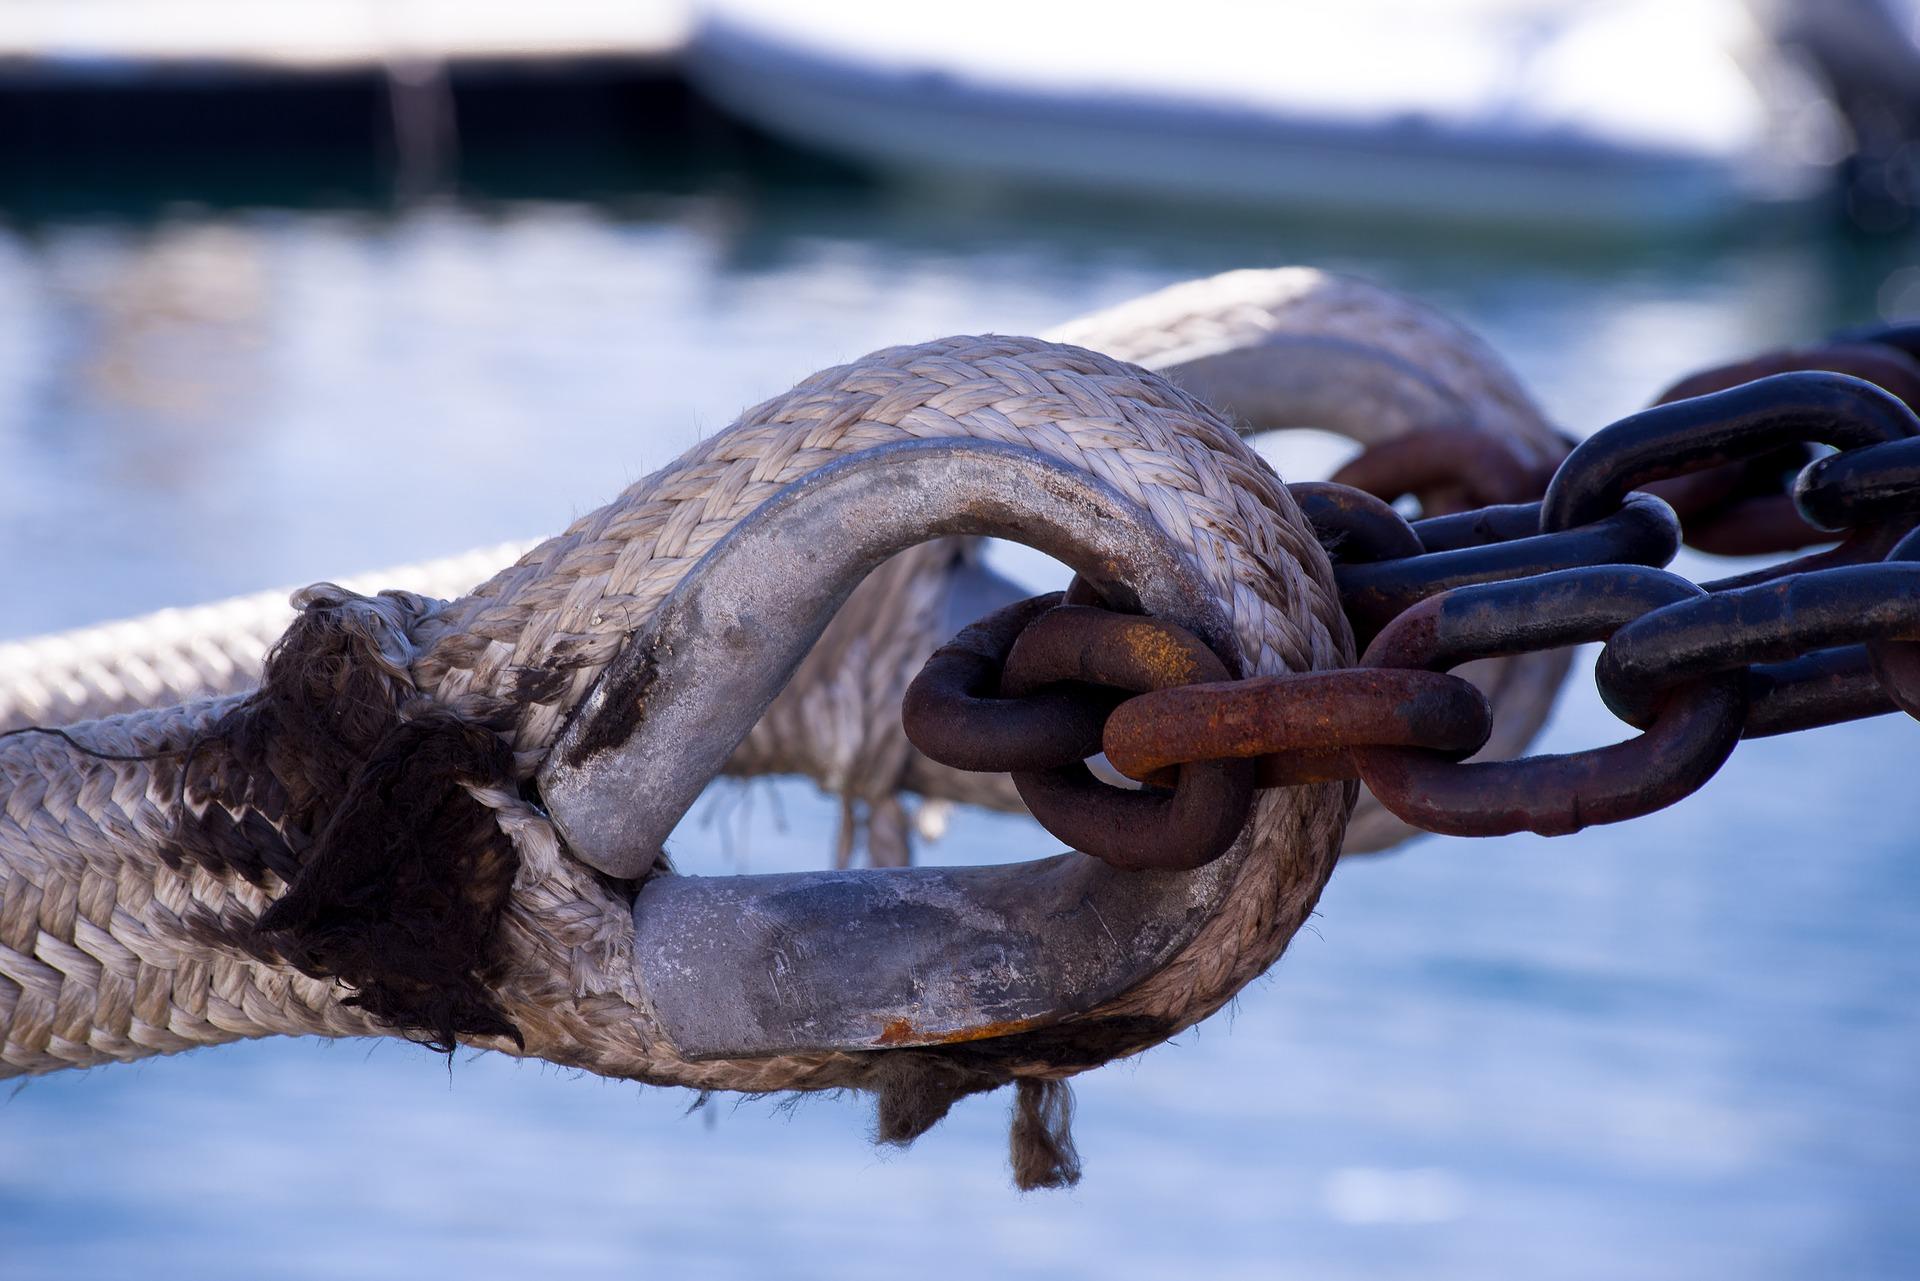 Vene, kiinnitys, köysi